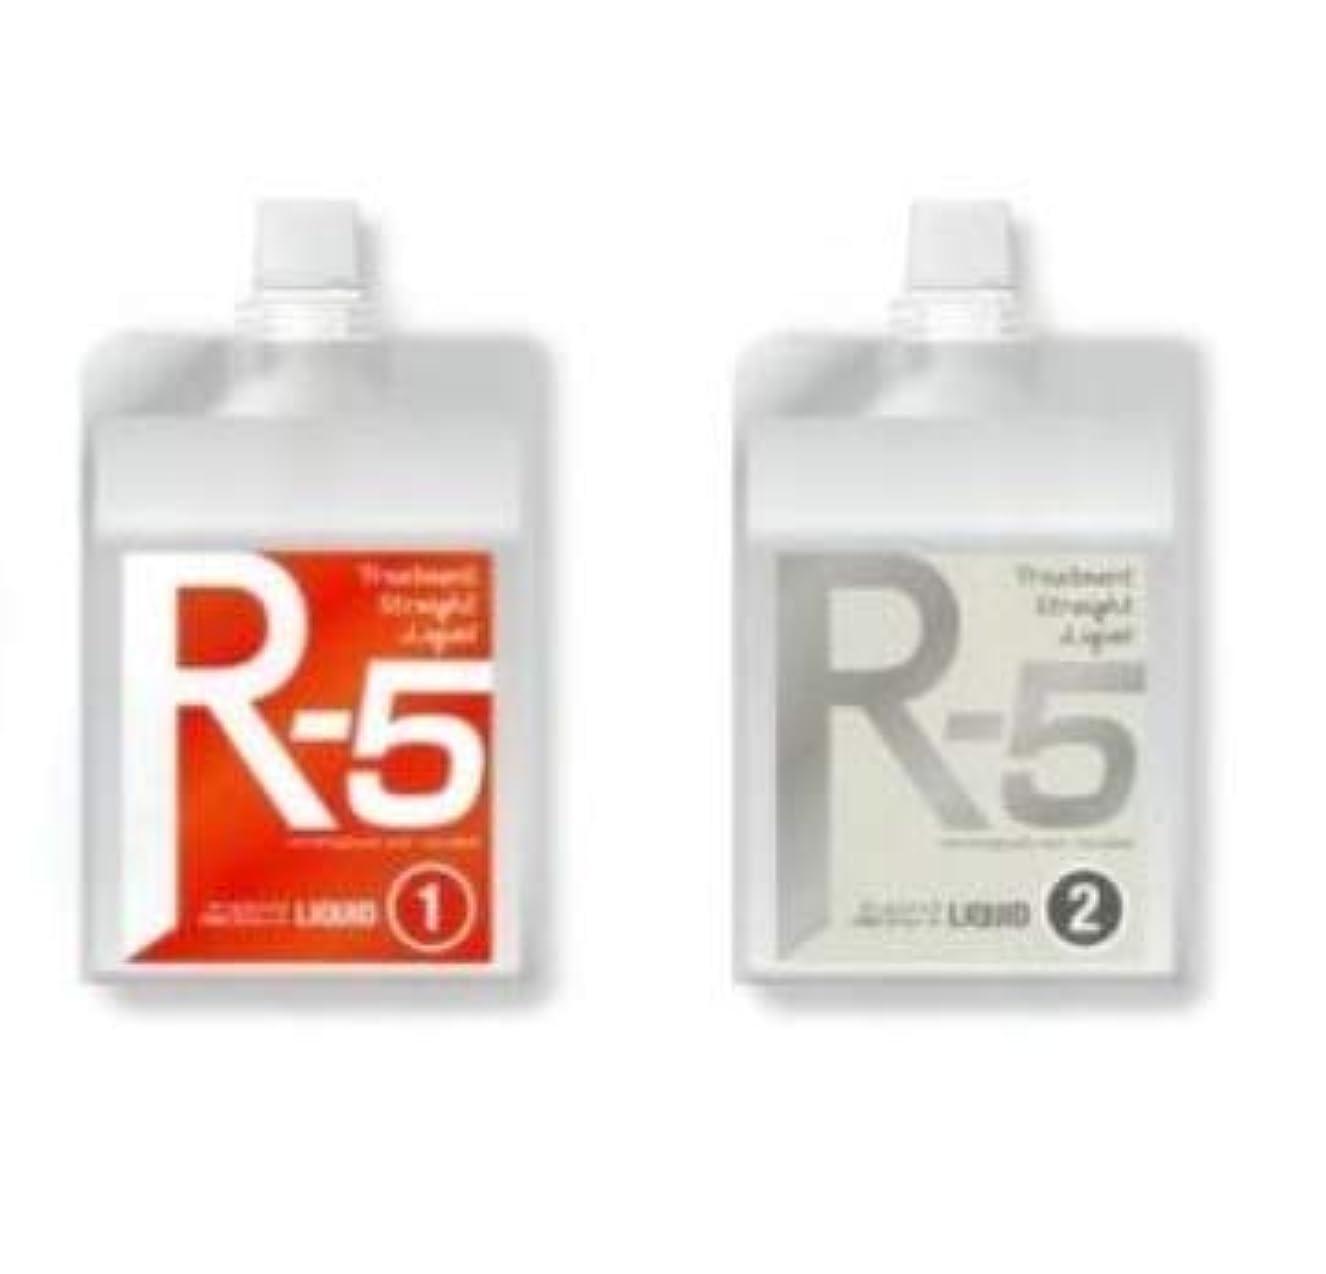 年金受給者主張間隔CMCトリートメントストレート R-5 レッド(レギュラー) ストレート剤 ダメージレス